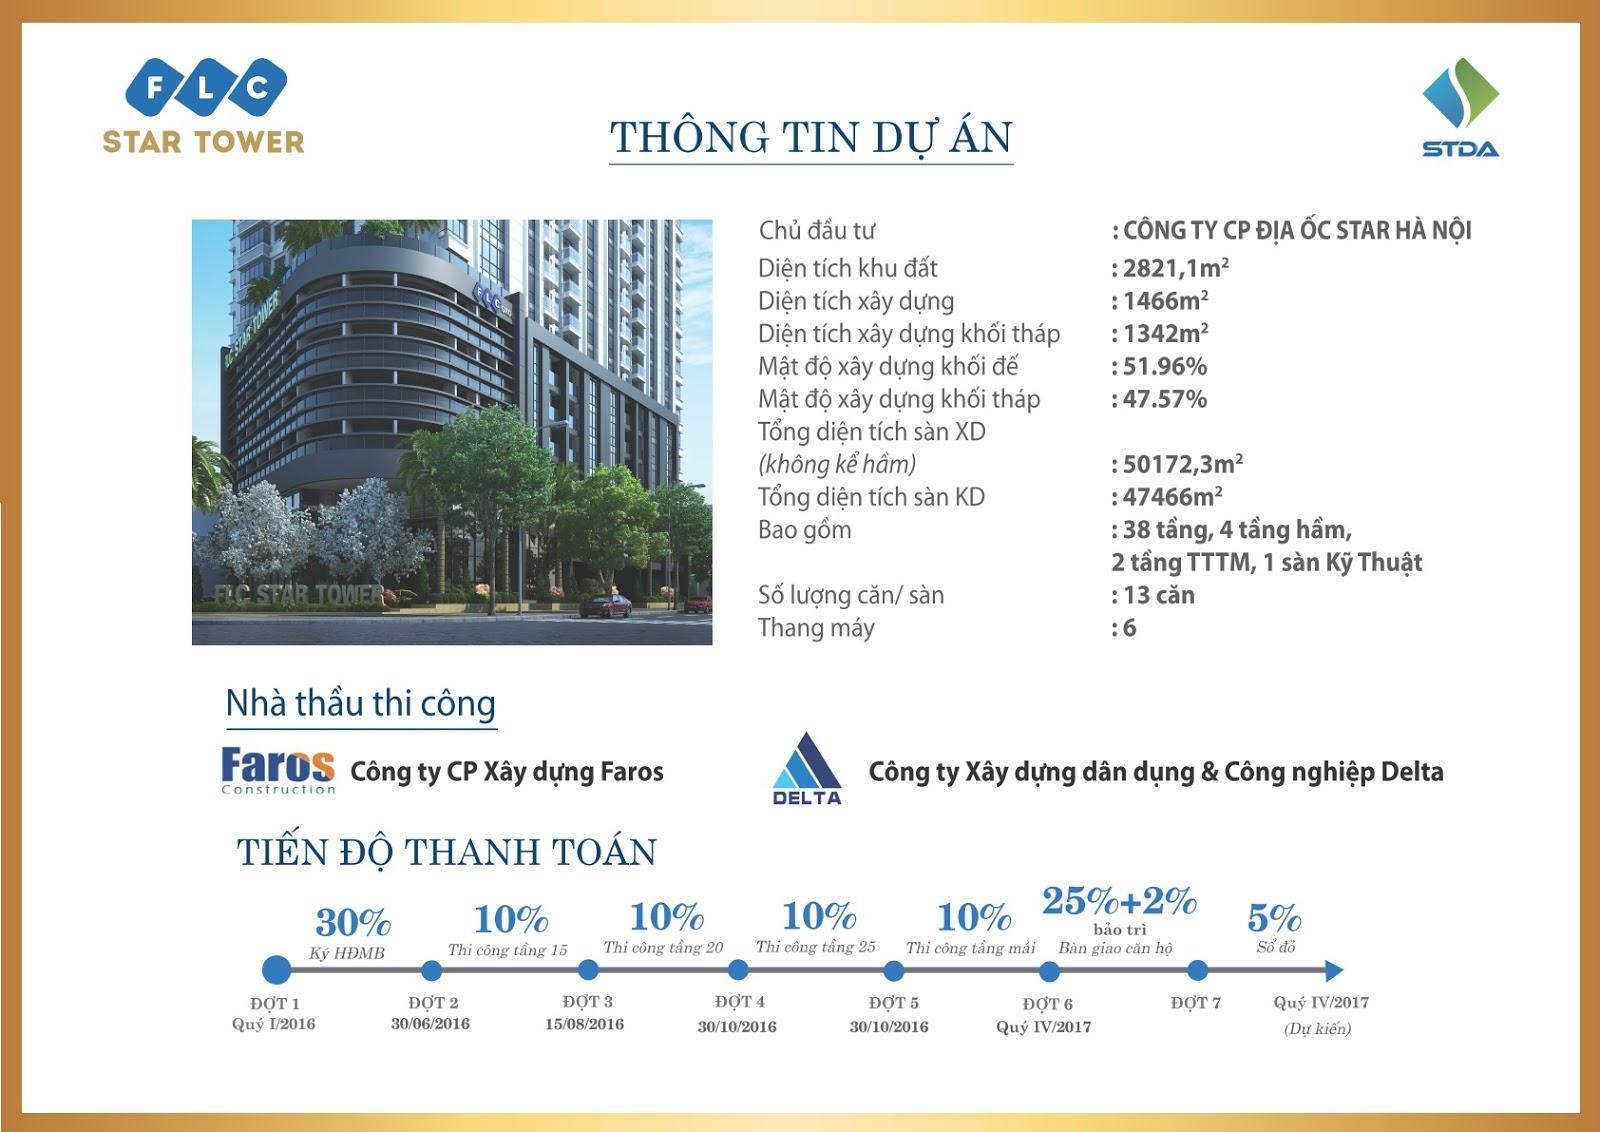 FLC Star Tower - Diện mạo mới khu vực Hà Đông